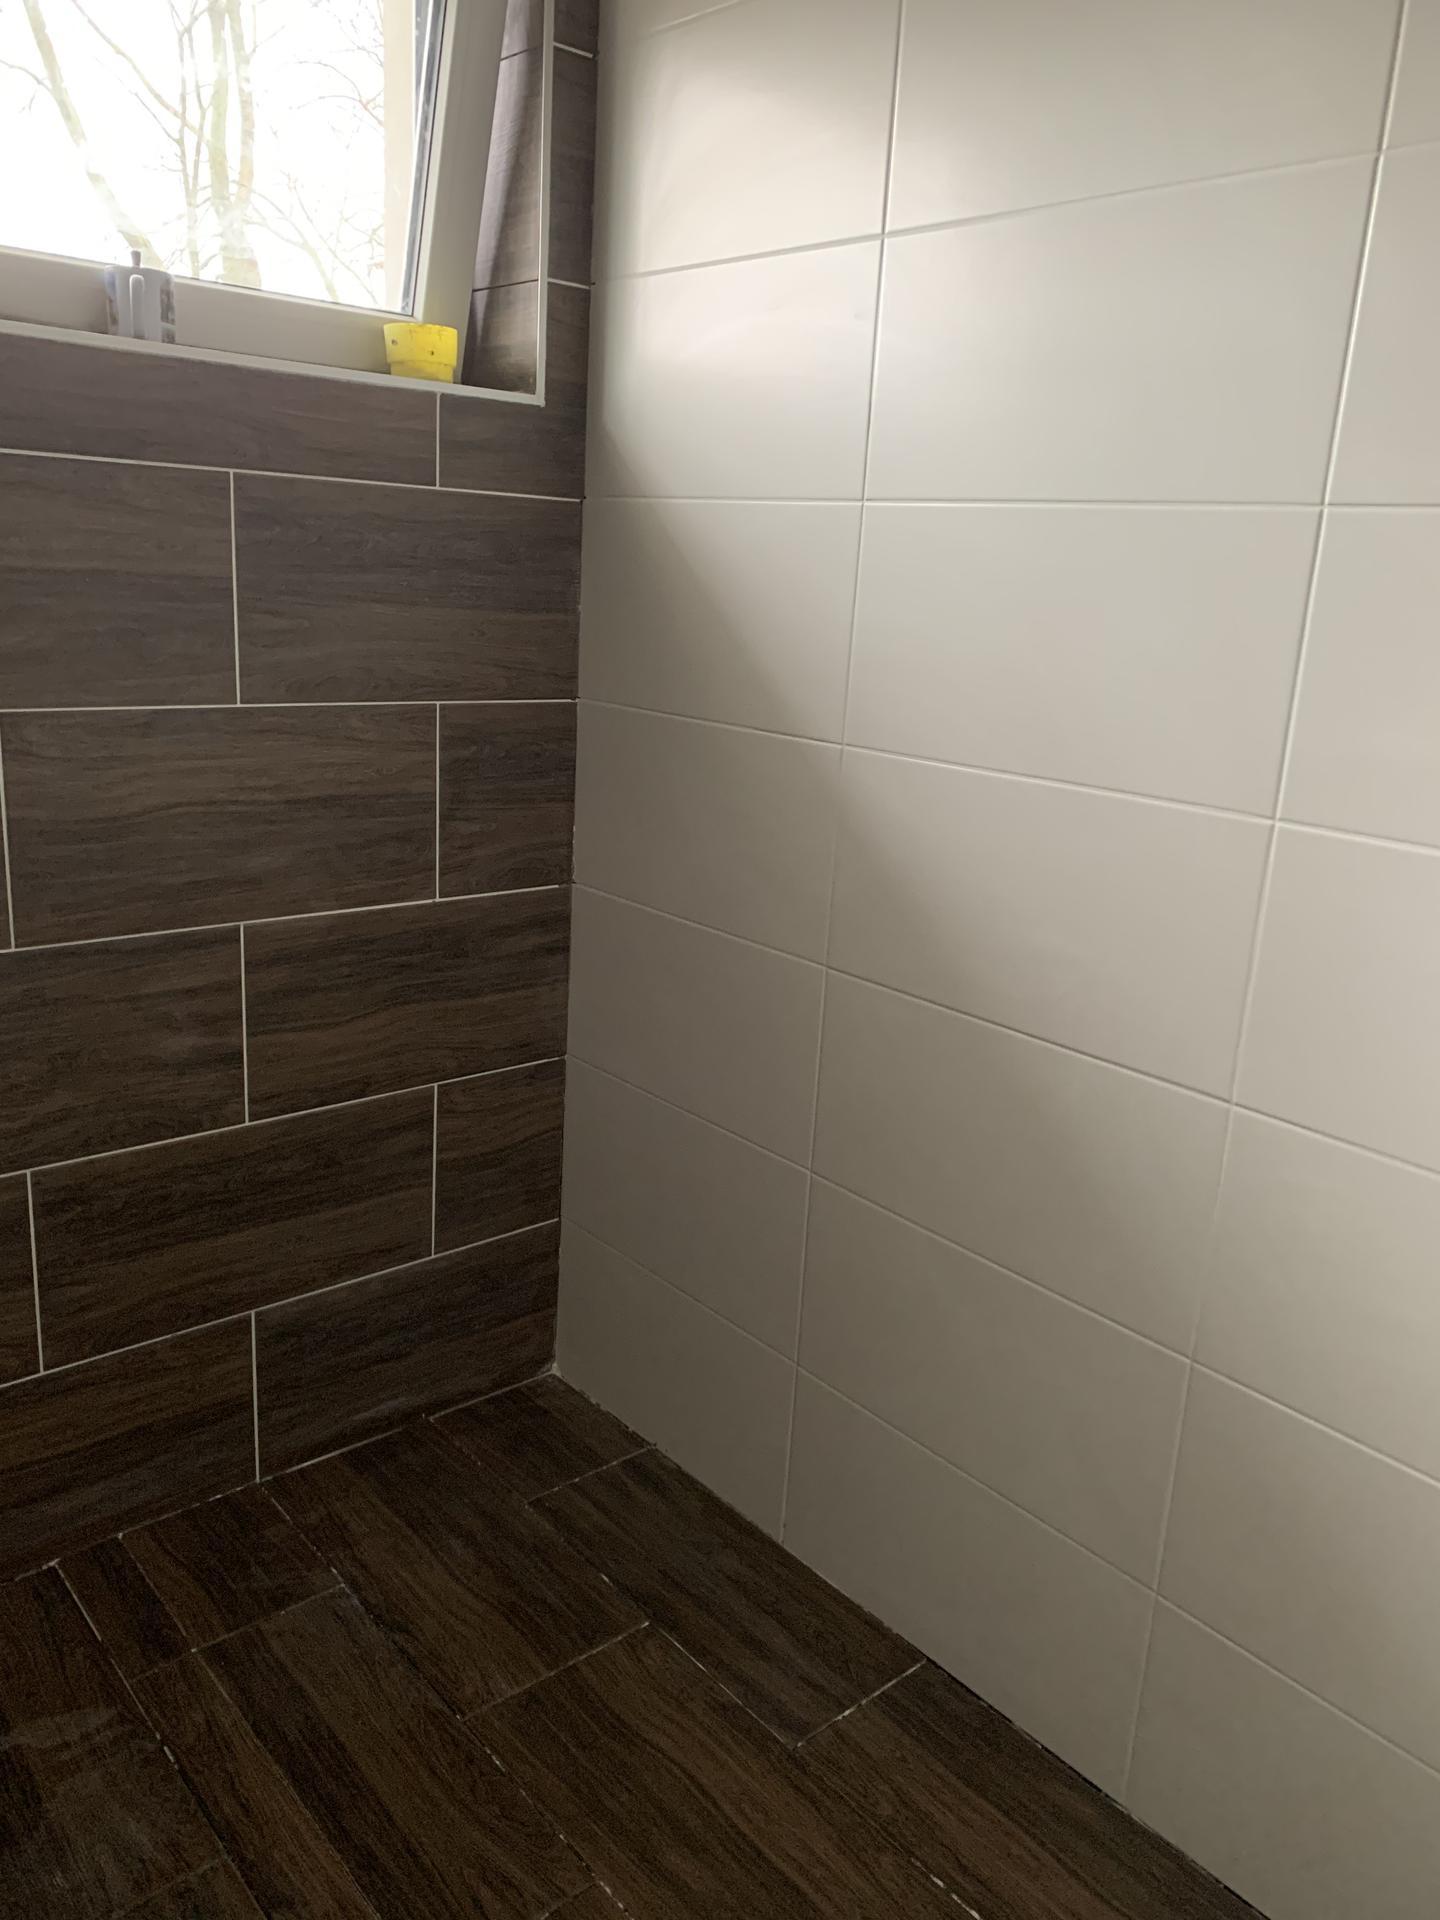 Wc a Koupelna s wc - Obrázek č. 44